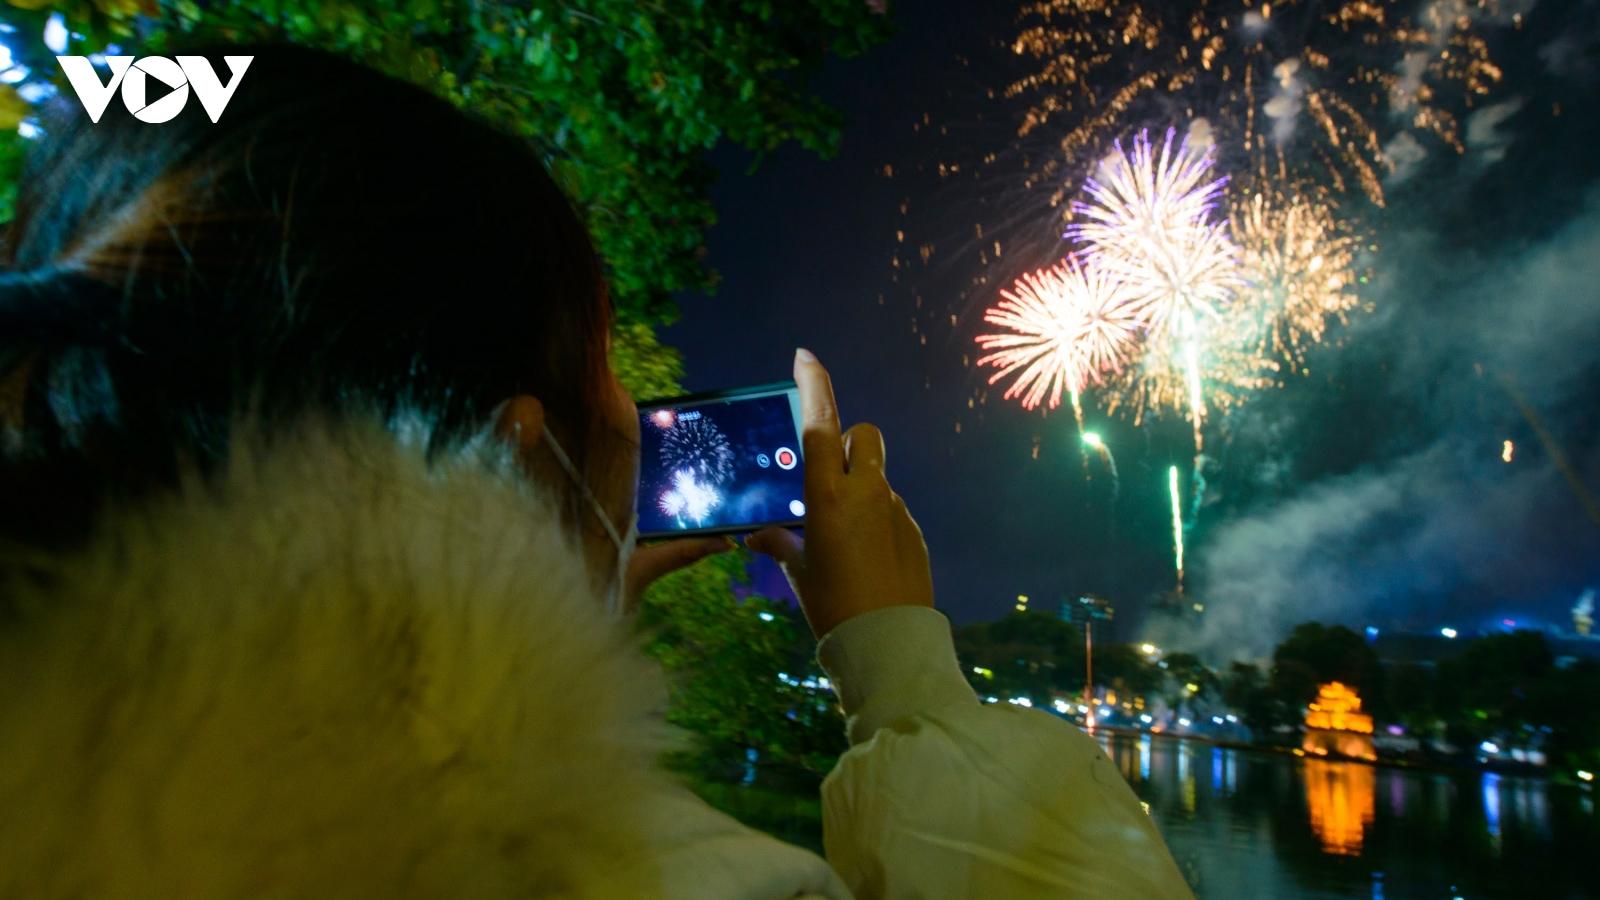 Pháo hoa rực sáng bầu trời hồ Hoàn Kiếm chào đón 2021